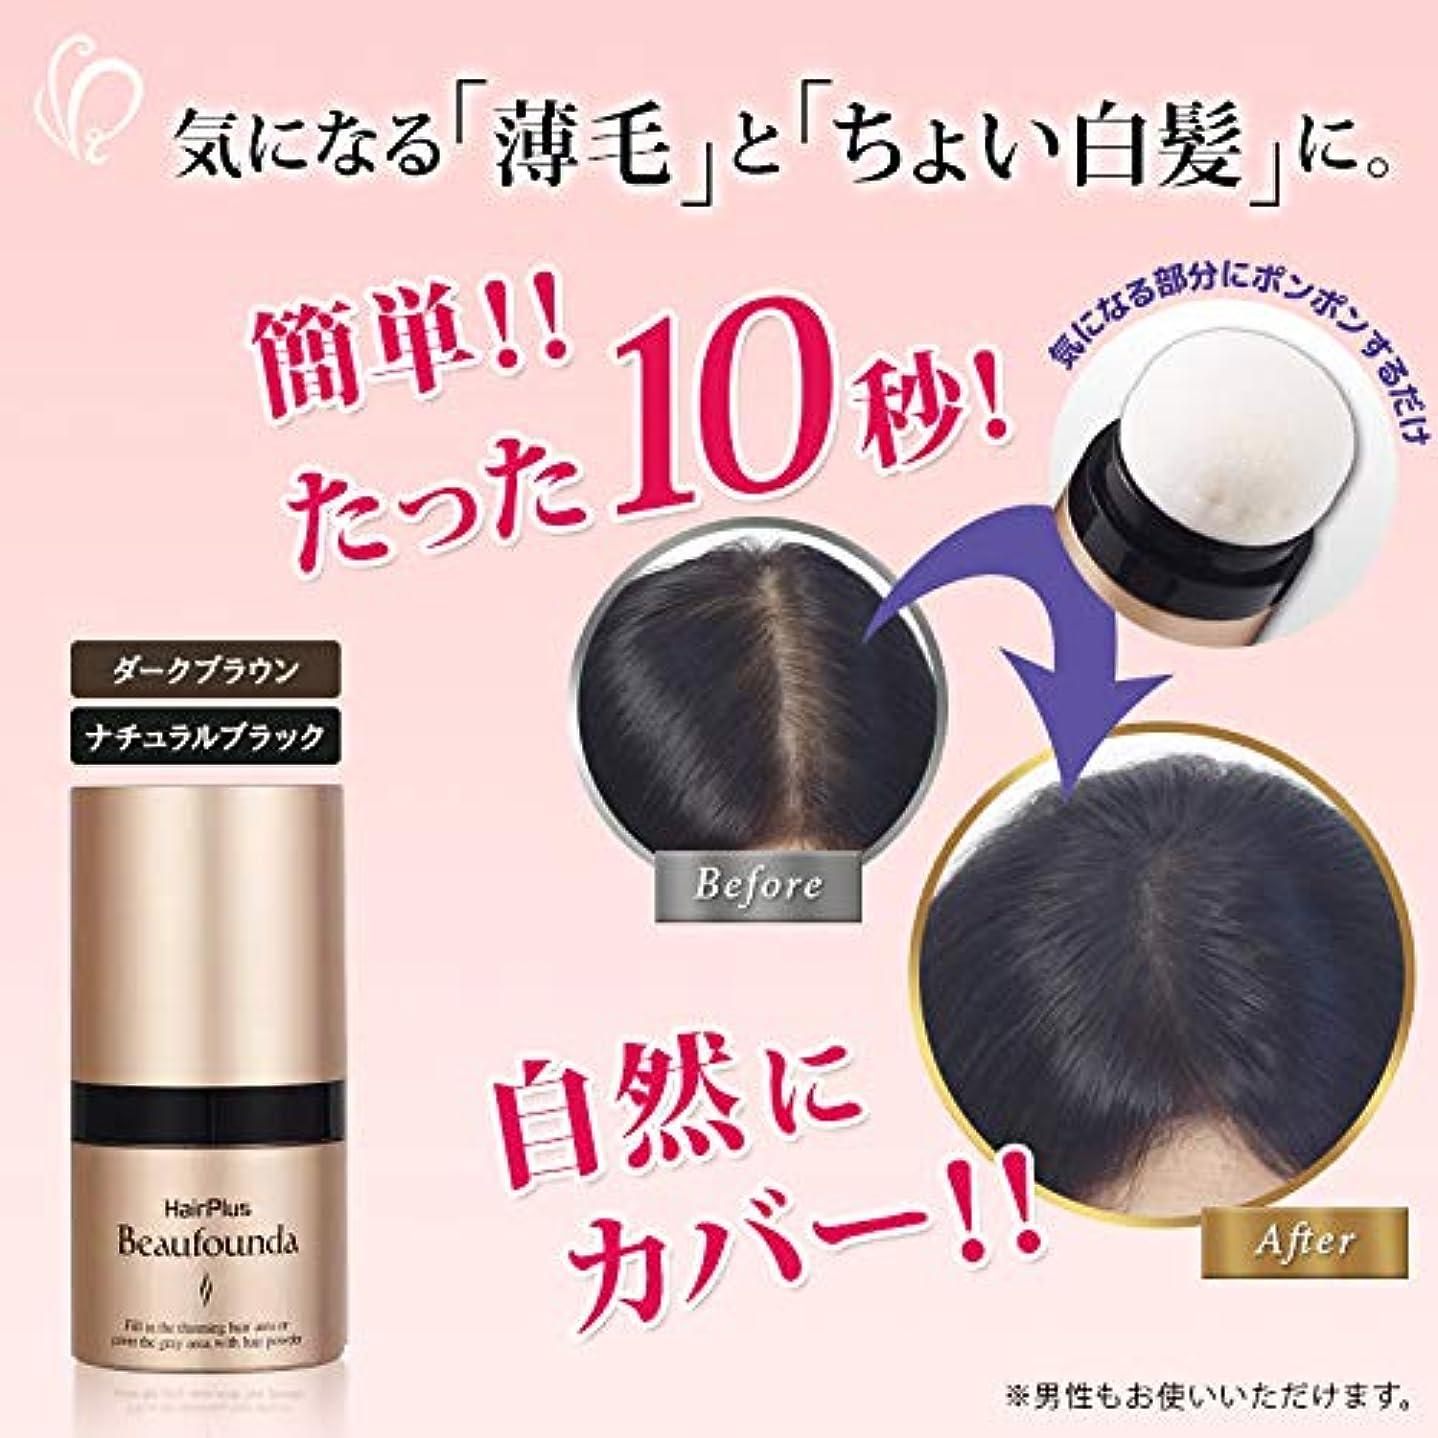 表向き個人的な反発する女性用増毛パウダー ヘアプラス ビューファンデ パウダー ダークブラウン(こげ茶)単品1個 薄毛隠し 白髪隠し